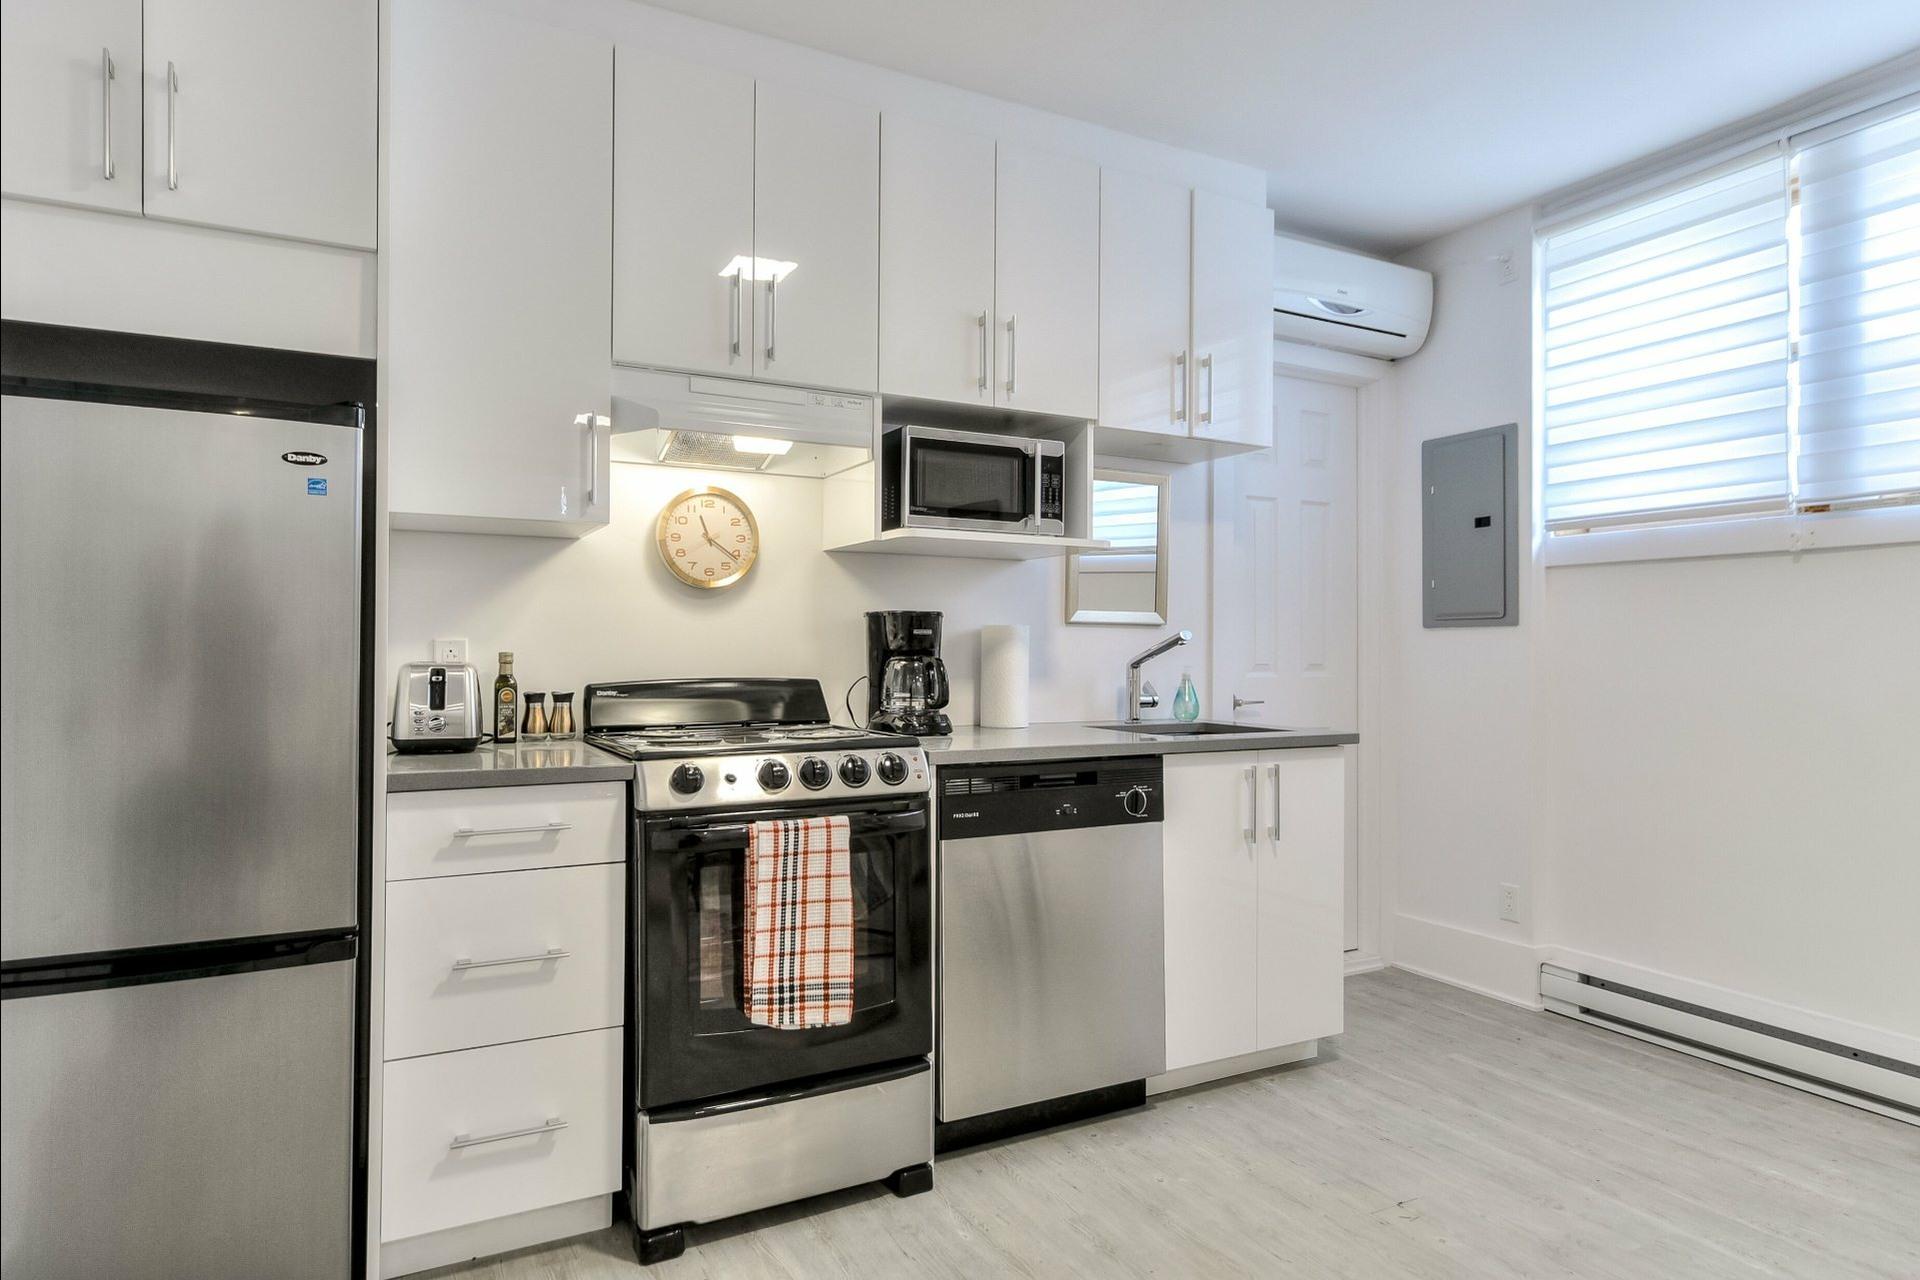 image 39 - Immeuble à revenus À vendre Montréal Villeray/Saint-Michel/Parc-Extension  - 3 pièces